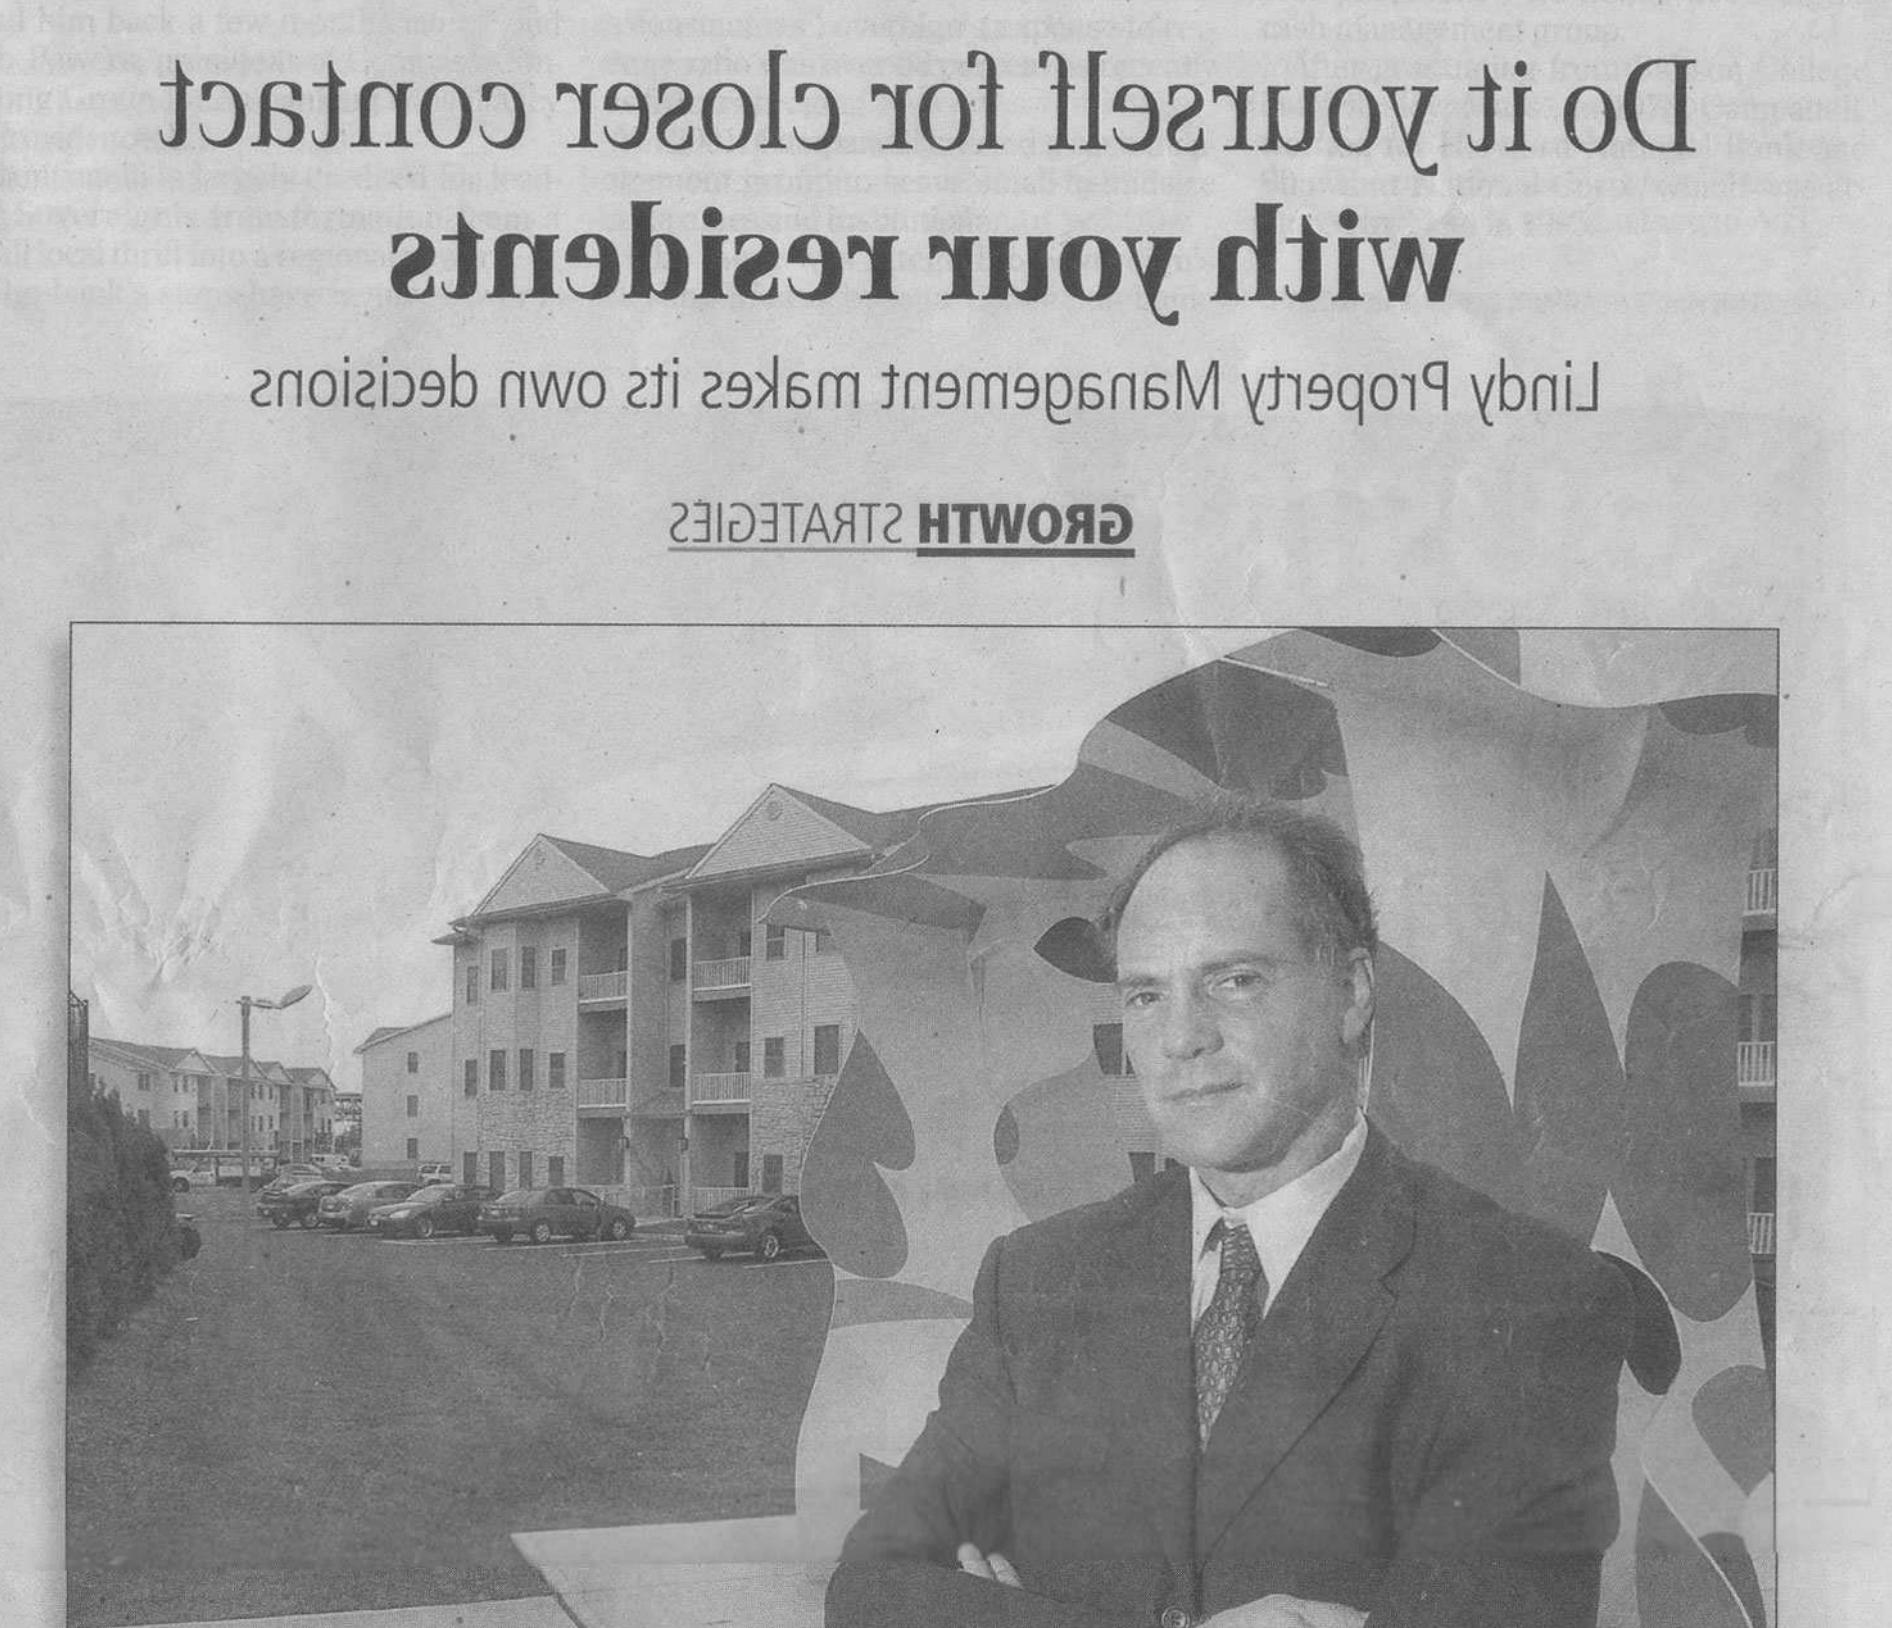 报纸上有一篇关于林迪物业管理公司的文章封面上有个男人在一栋出租bbin附近